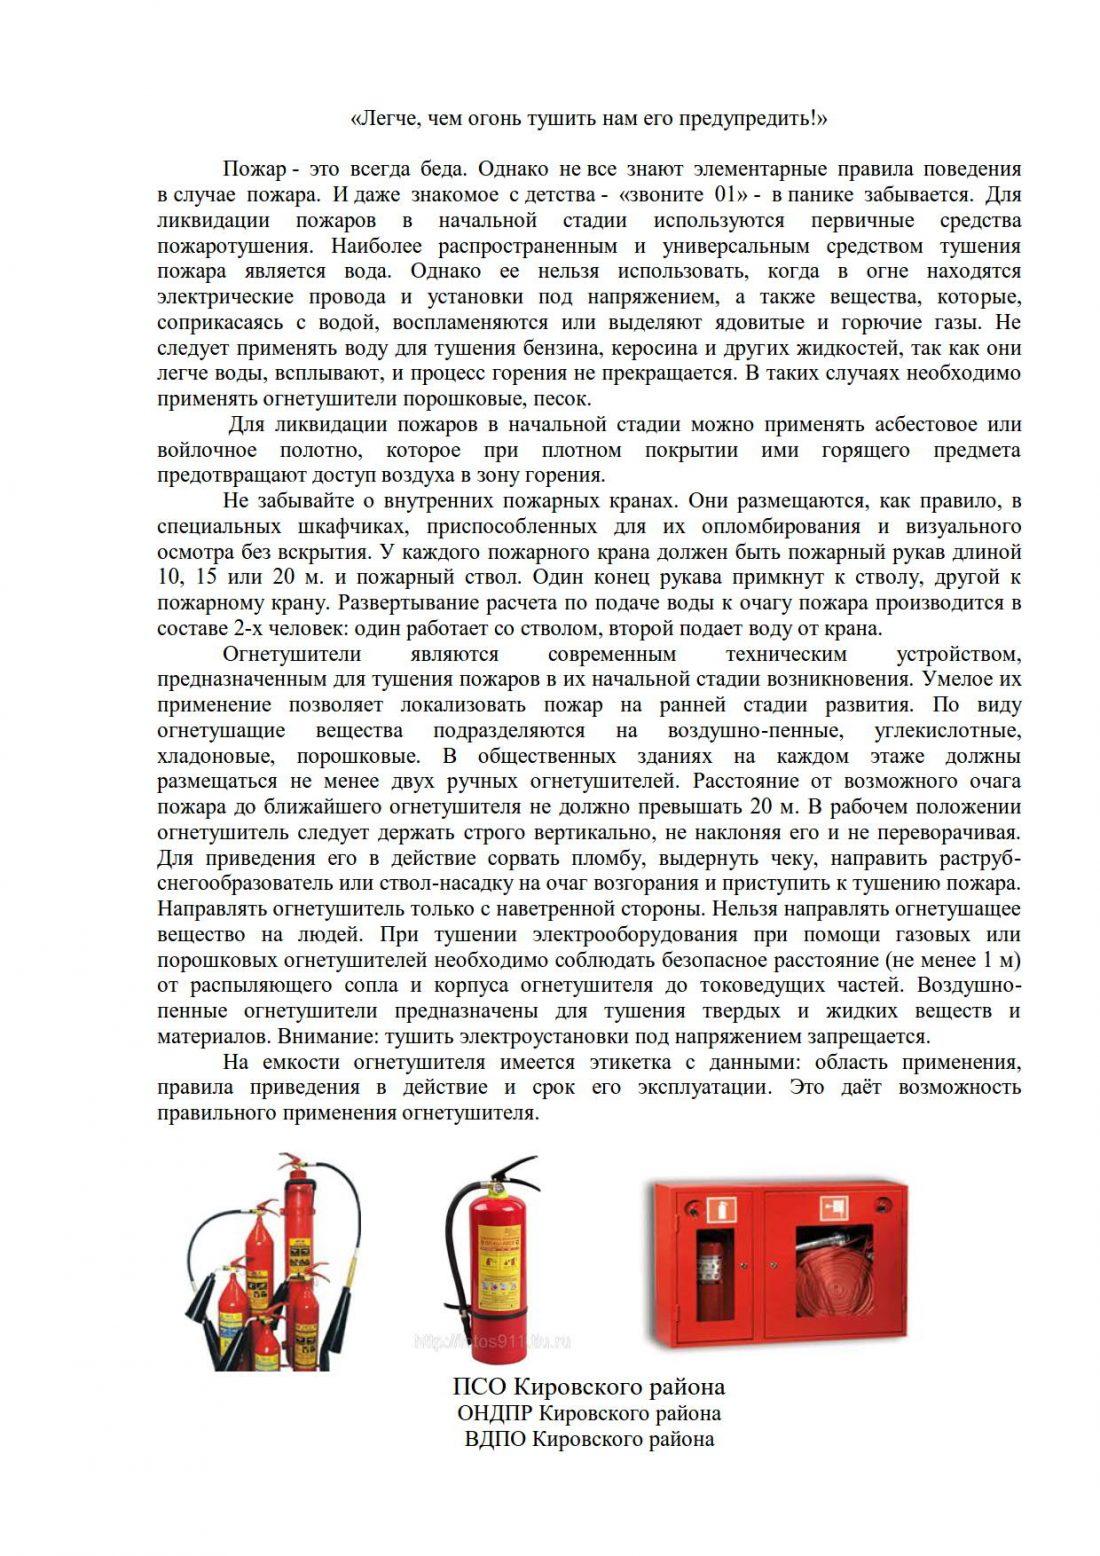 Статья 10.02.19г. первичные средства пожаротушения_1